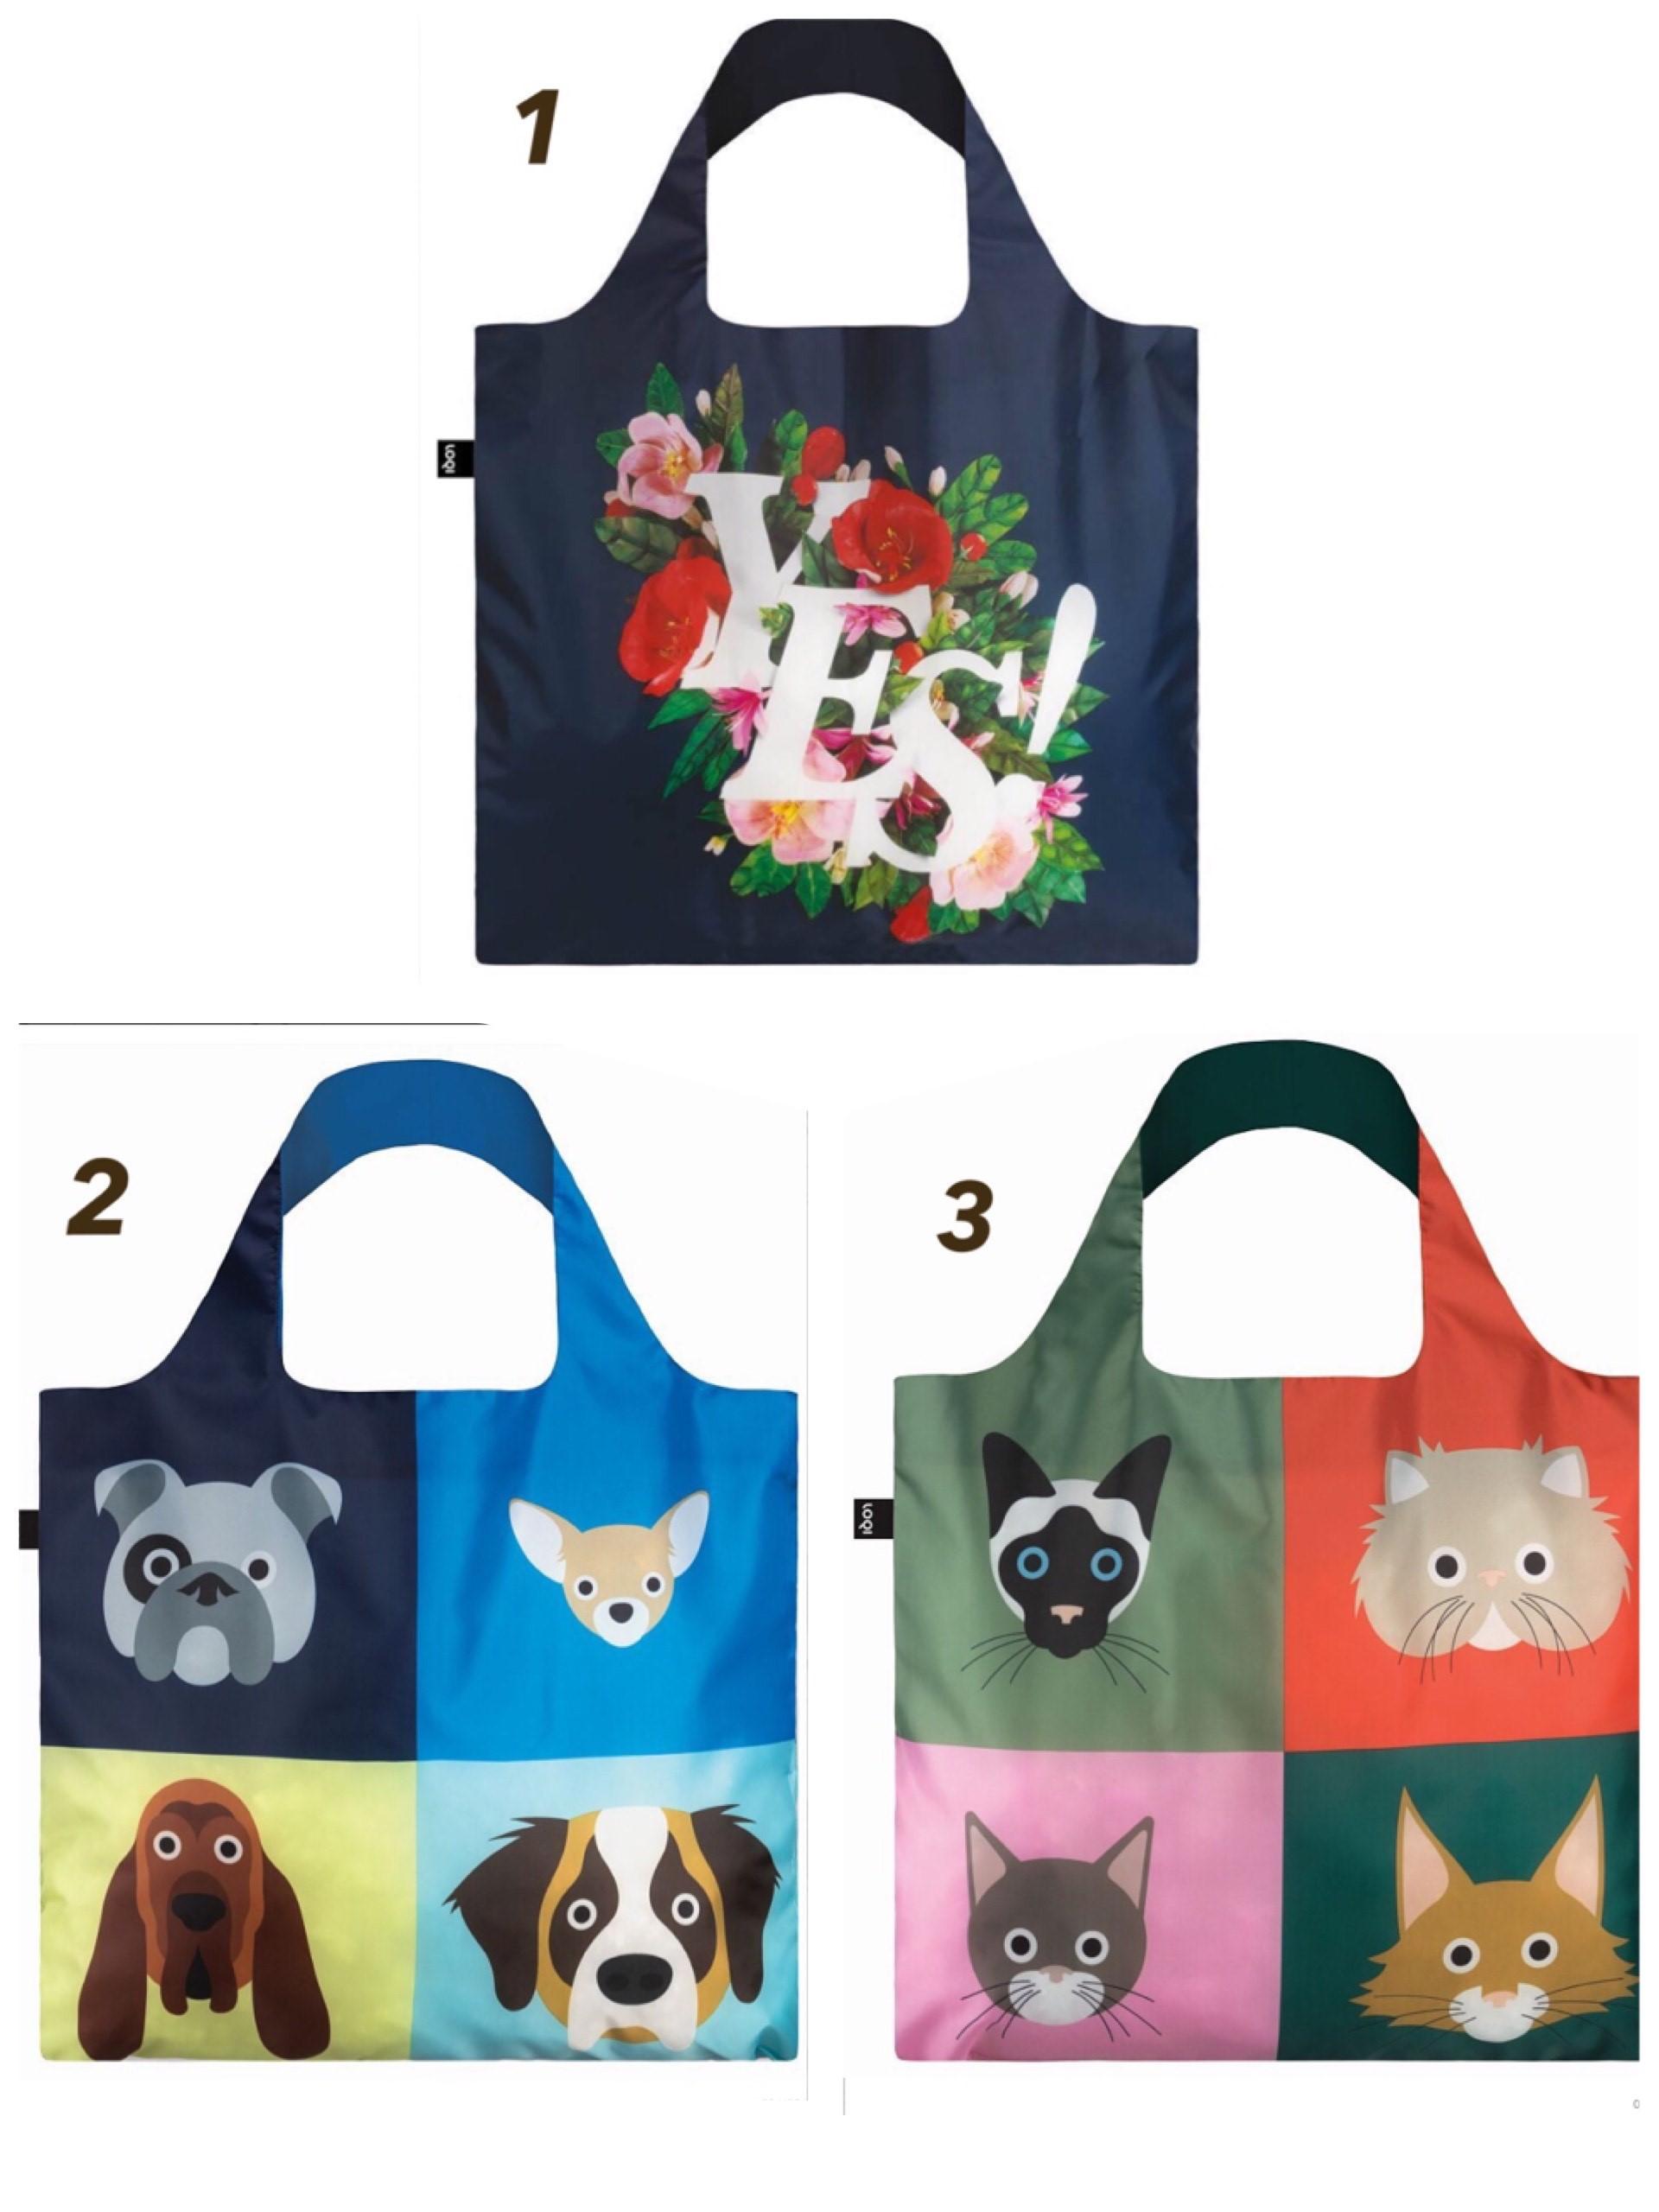 【宅急便コンパクト可】LOQIエコバッグ デザインと機能性◎Artist Collection◎  花柄・犬柄・猫柄からお選びください!